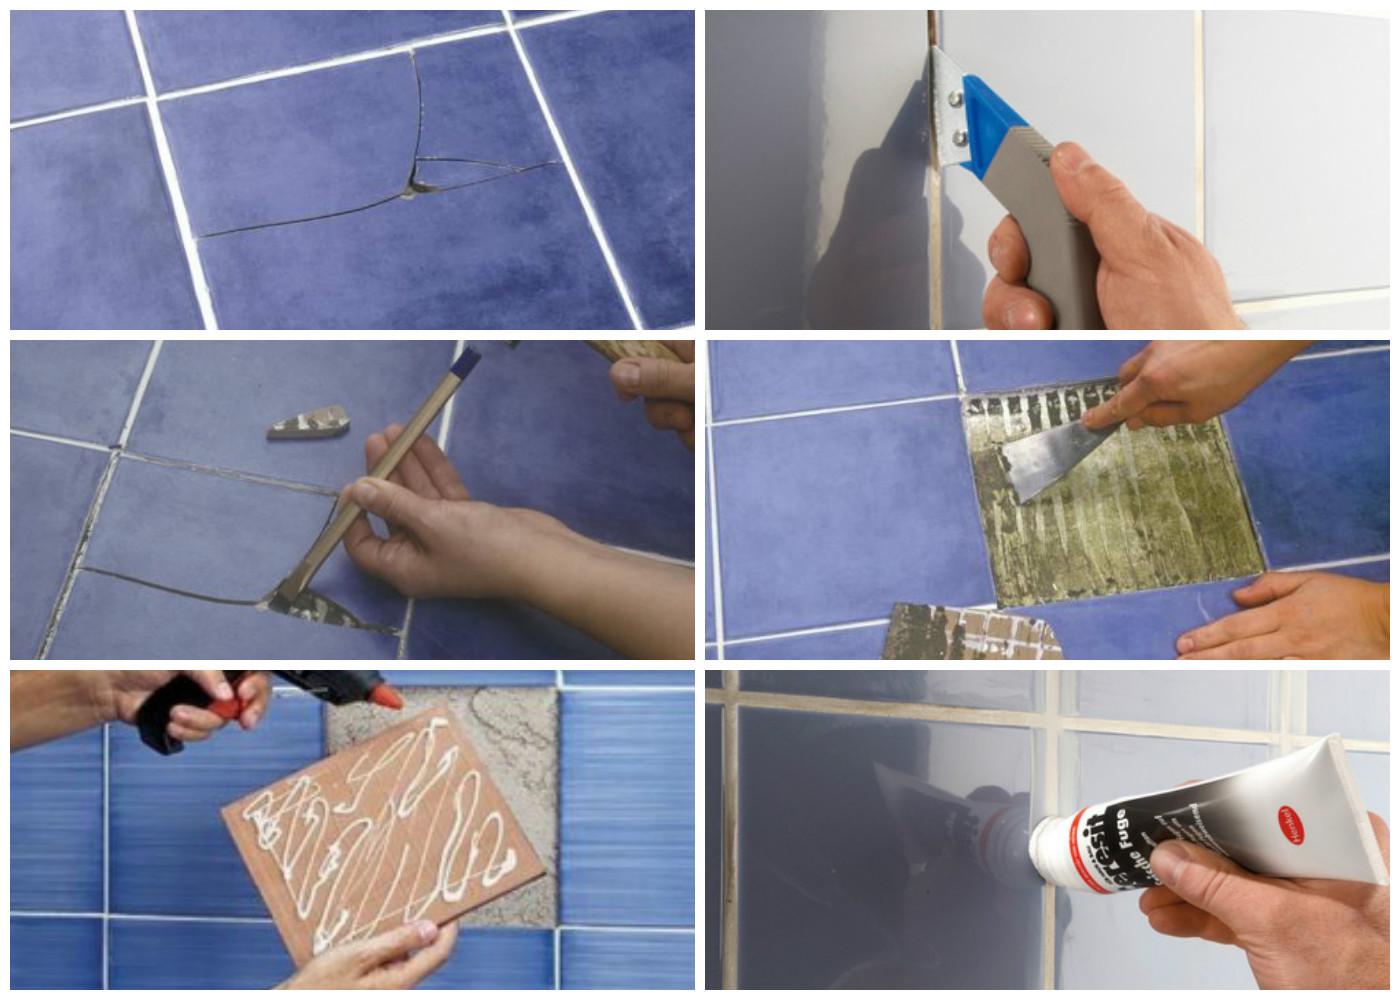 Картинки по запросу Замена поврежденной керамической плитки